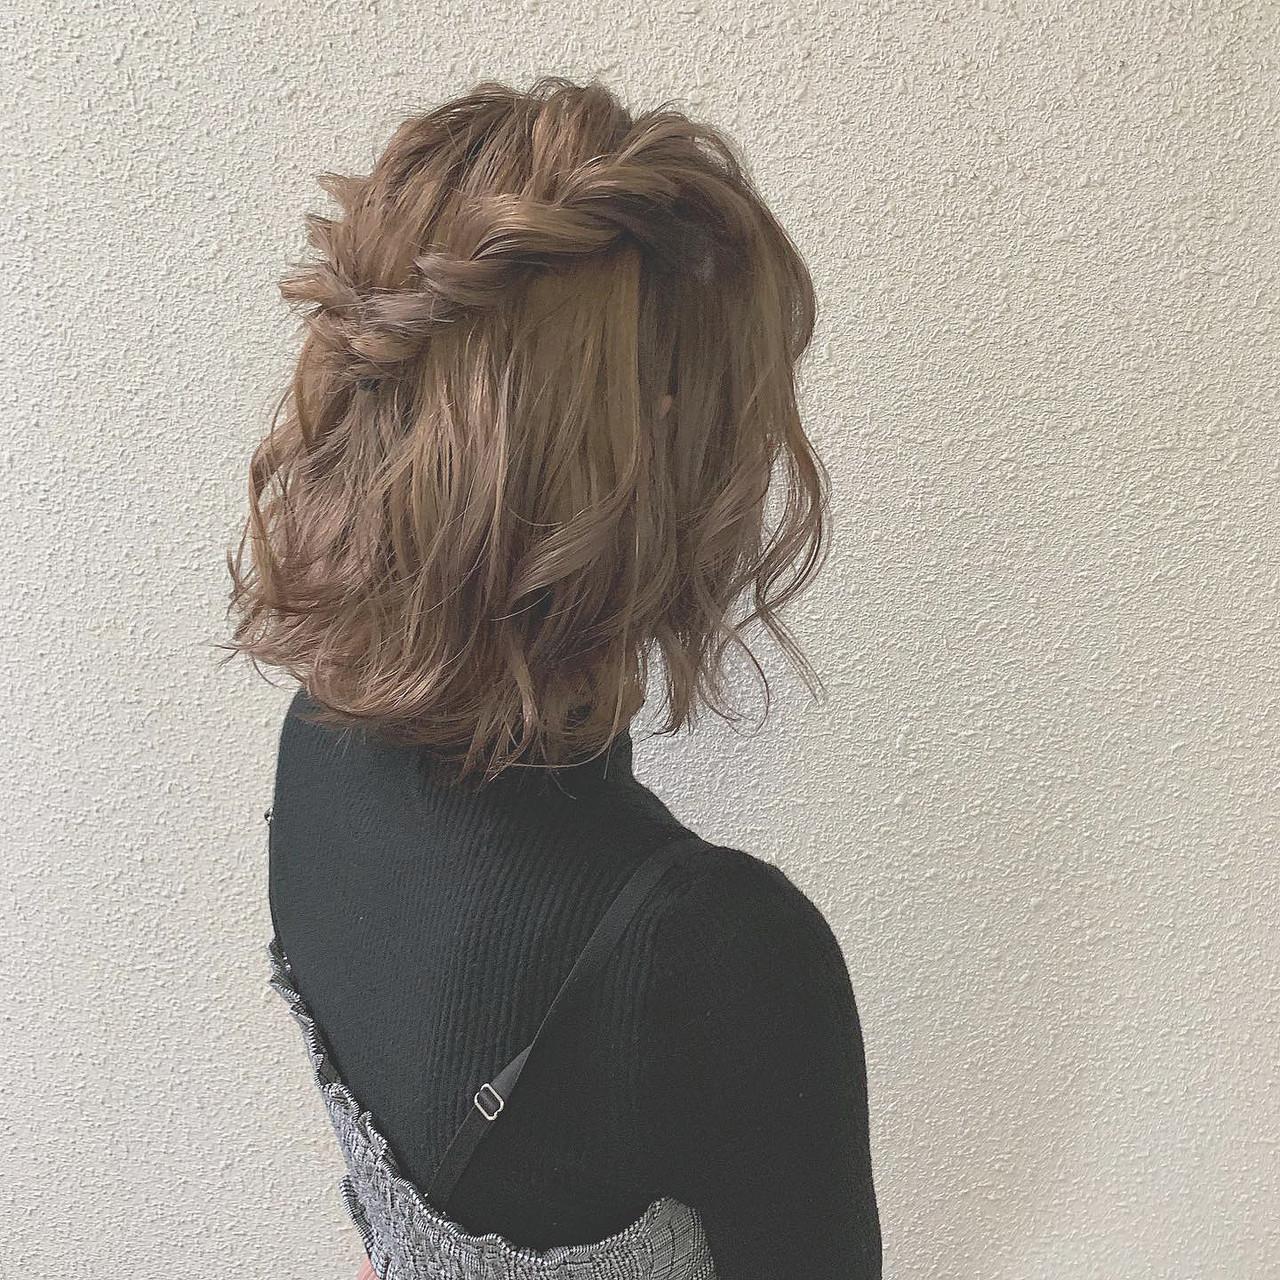 ミルクティーグレージュ ミルクティー ナチュラル 簡単ヘアアレンジ ヘアスタイルや髪型の写真・画像